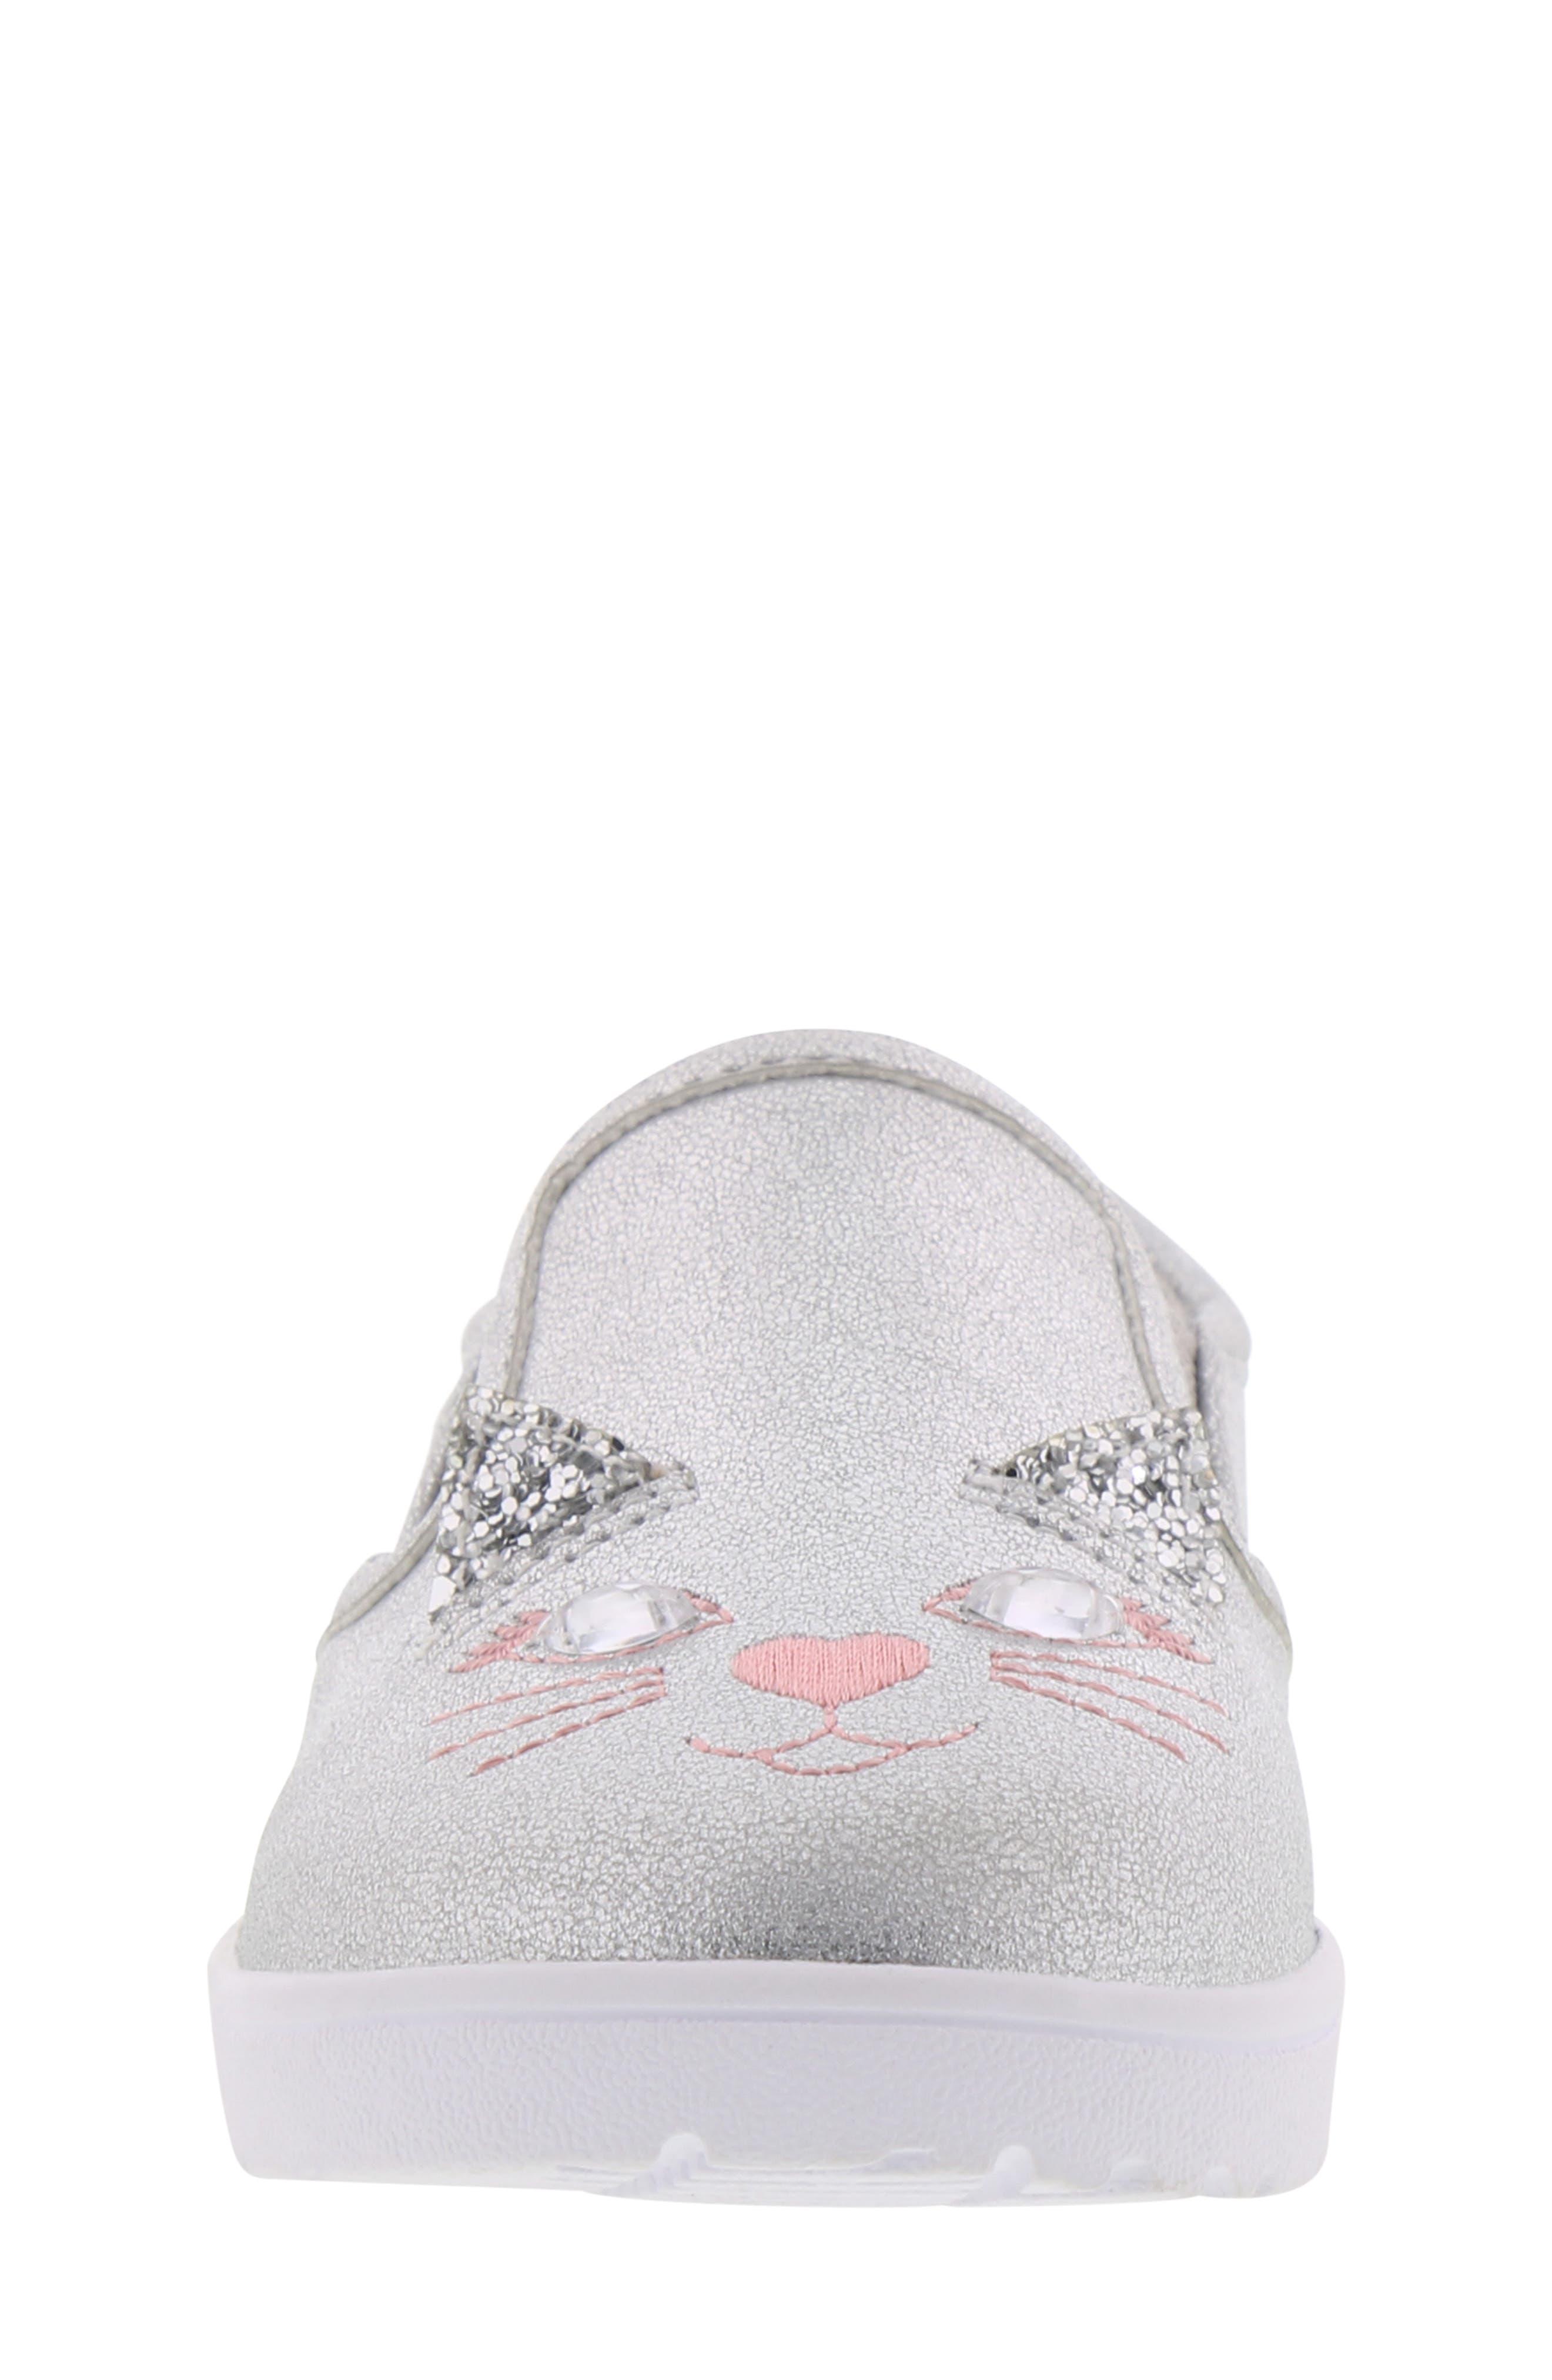 BØRN, Bailey Jaslyna Slip-On Glitter Sneaker, Alternate thumbnail 4, color, SILVER